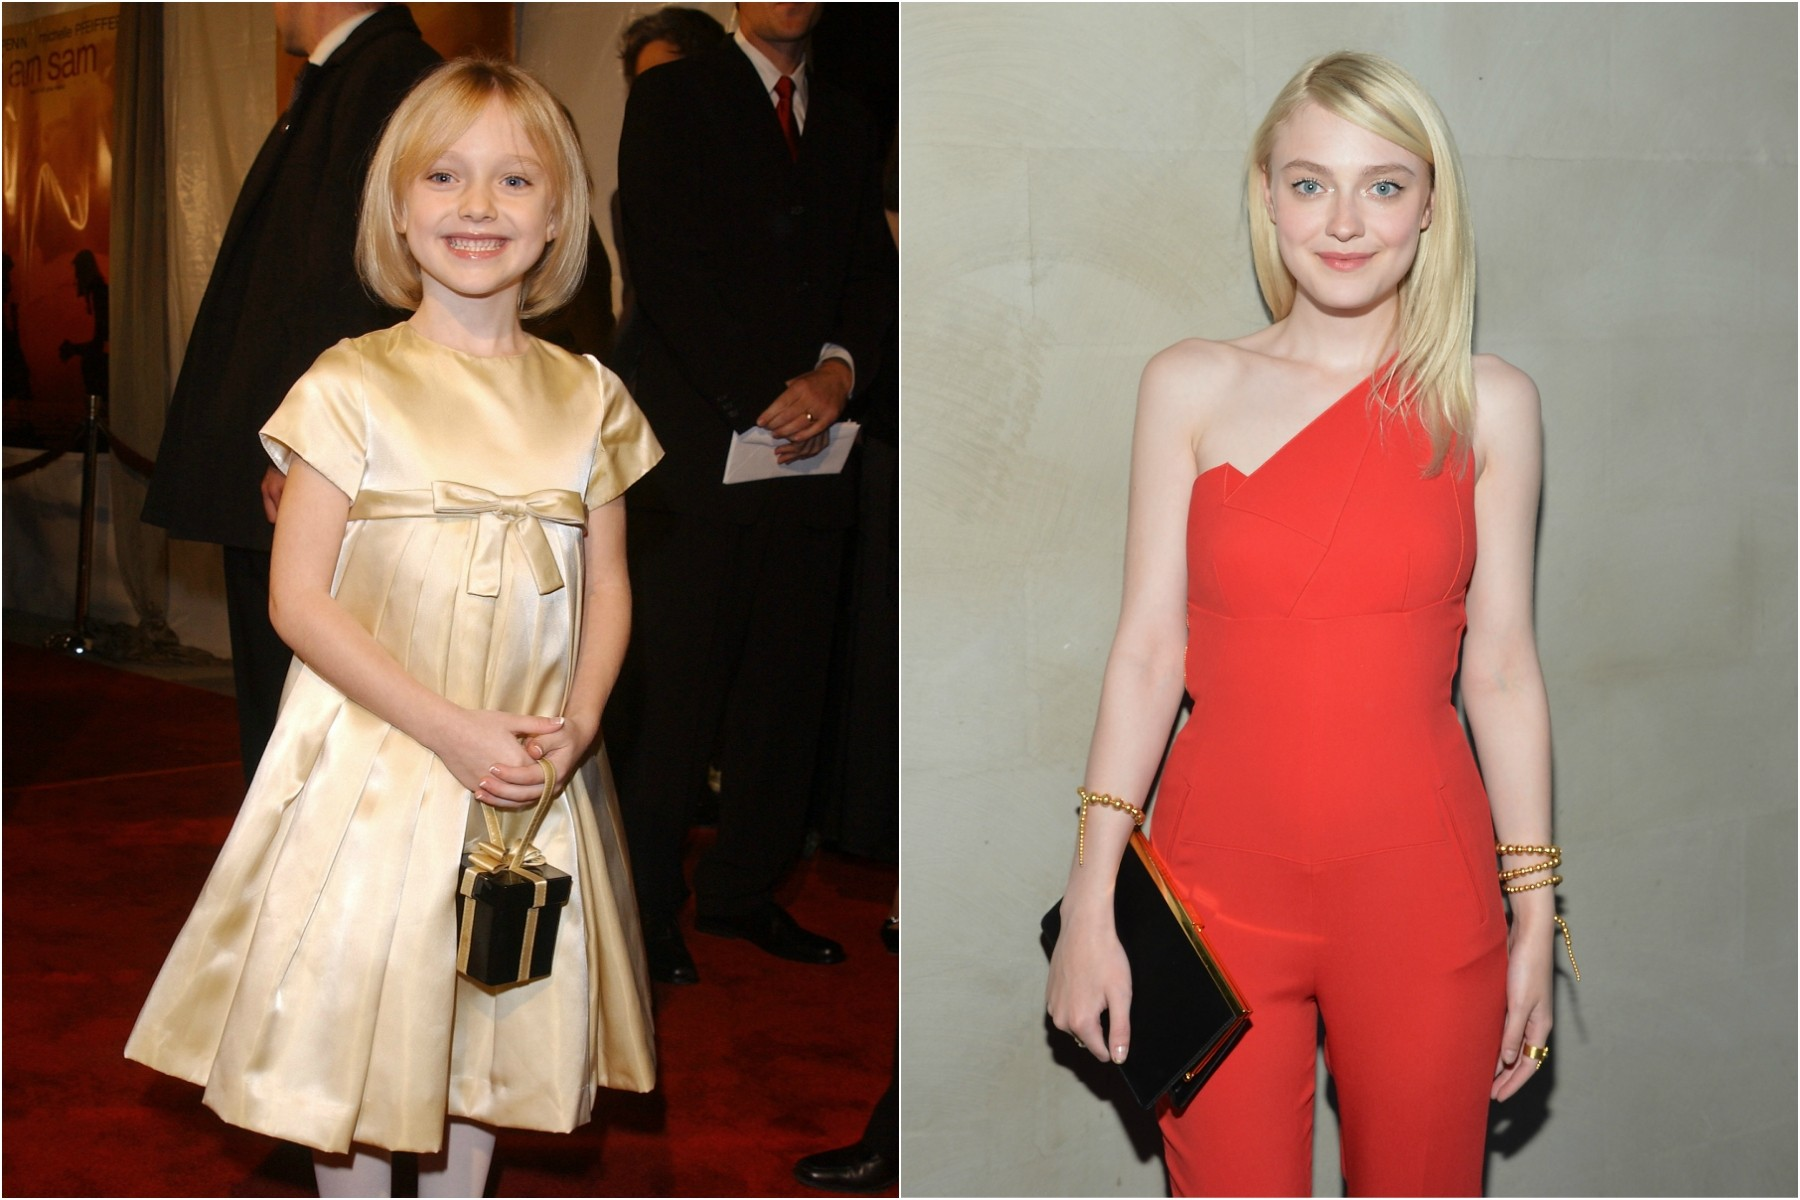 Aos 7 anos, Dakota Fanning compareceu à première de seu primeiro filme, 'Uma Lição de Amor' (2001). Hoje a atriz está com 20 anos. (Foto: Getty Images)